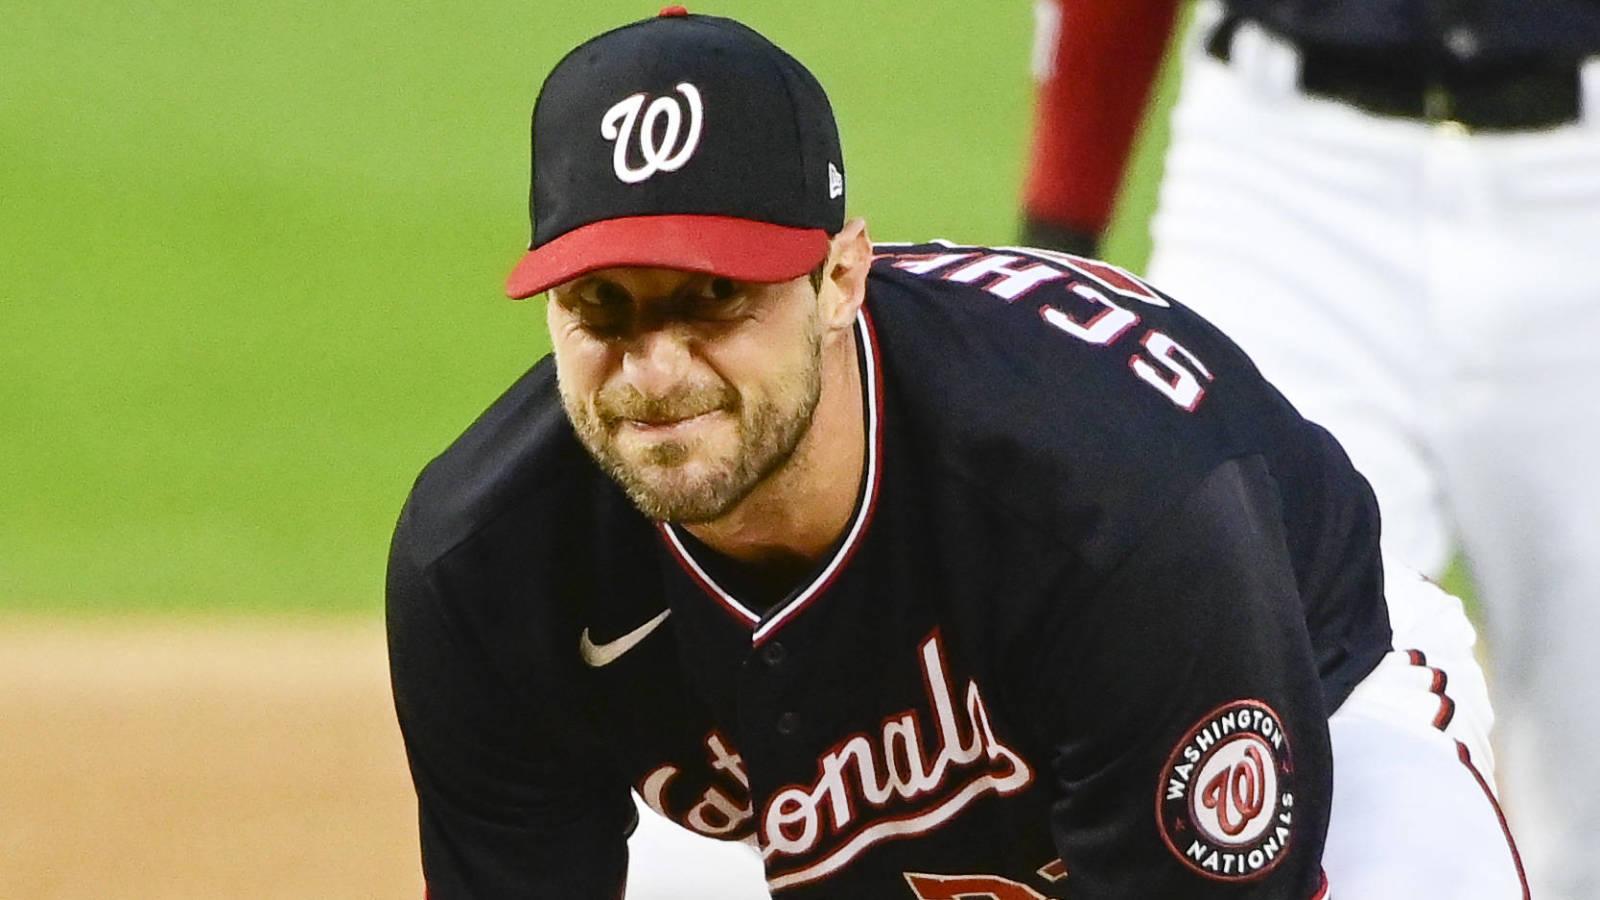 Scherzer jokingly tells umpires to check Harper's hair